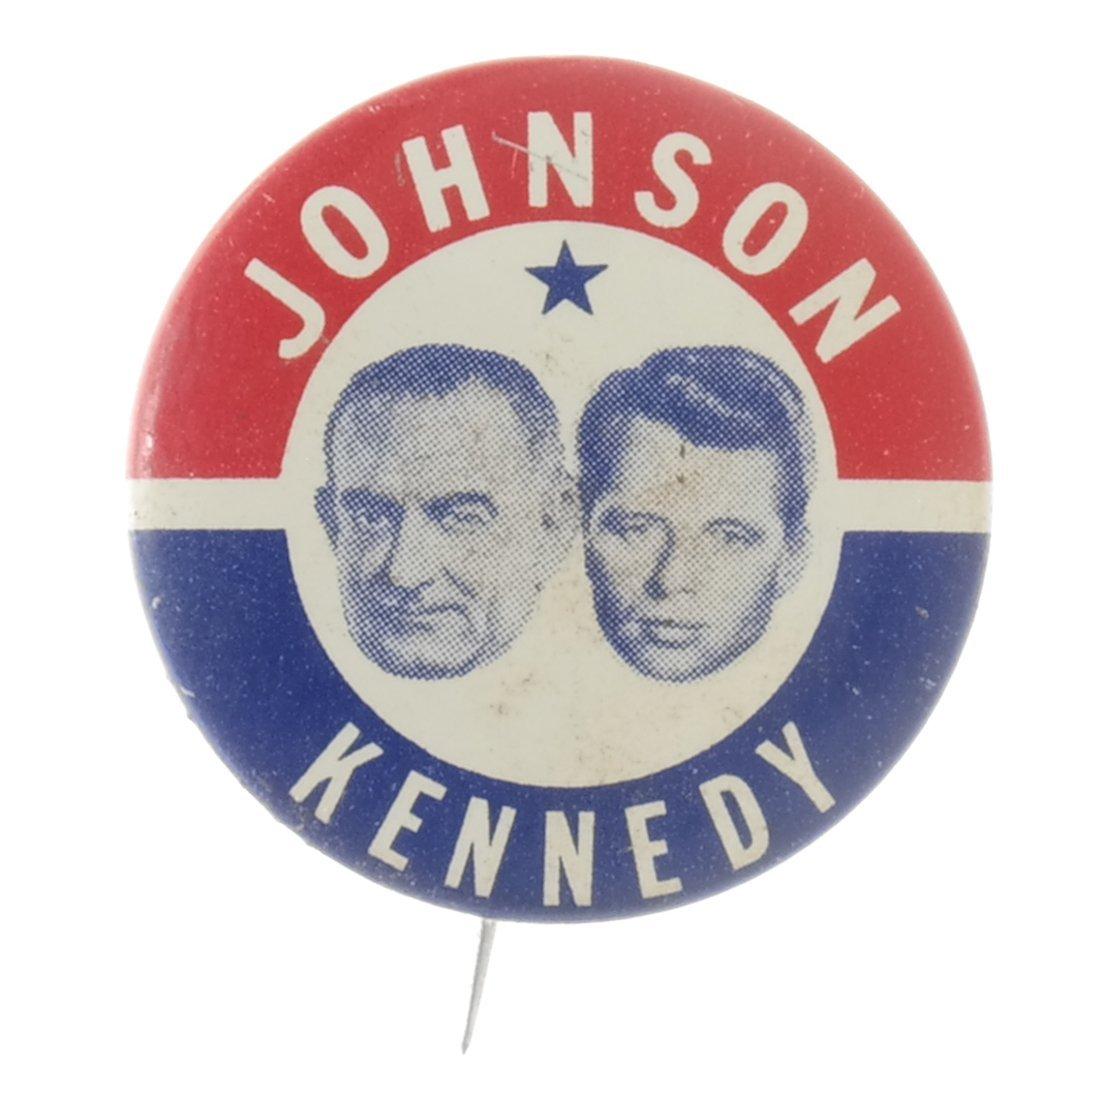 Lyndon. B. Johnson - Five 1964 Celluloids - 5